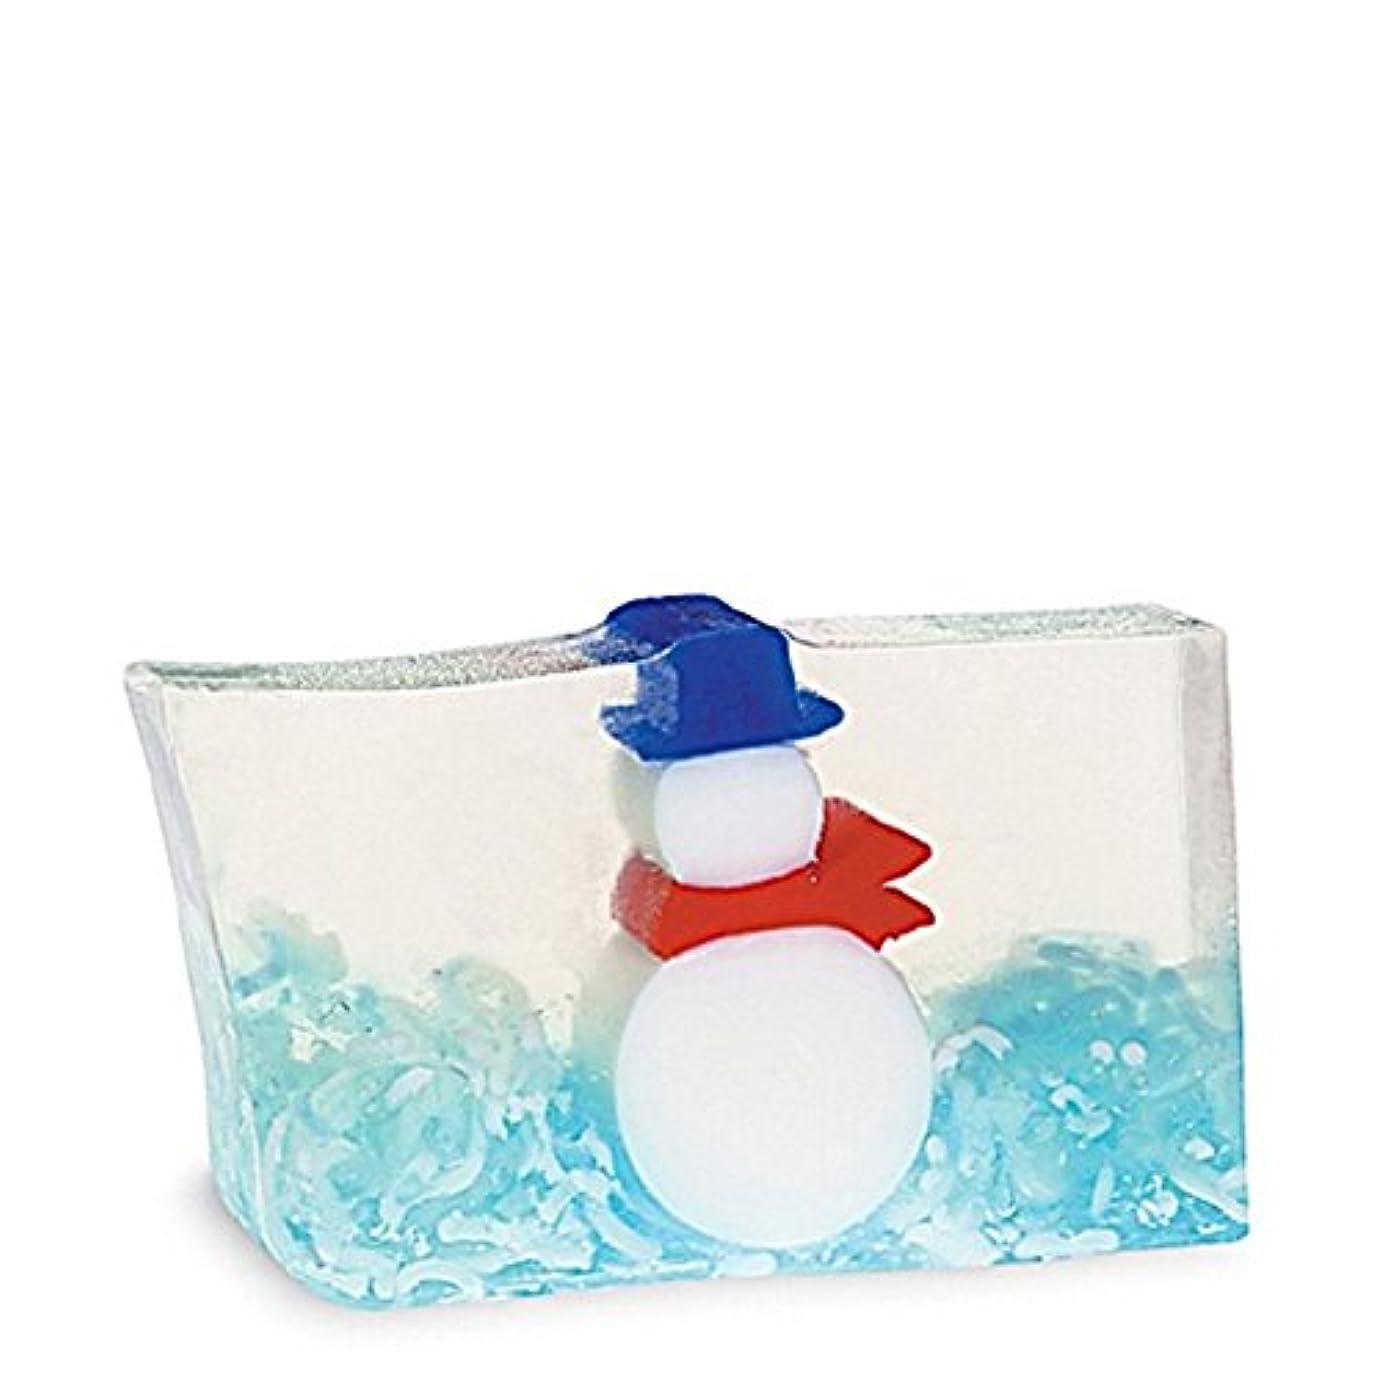 主権者懲戒差別化する原初の要素雪だるま石鹸170グラム x2 - Primal Elements Snowman Soap 170g (Pack of 2) [並行輸入品]